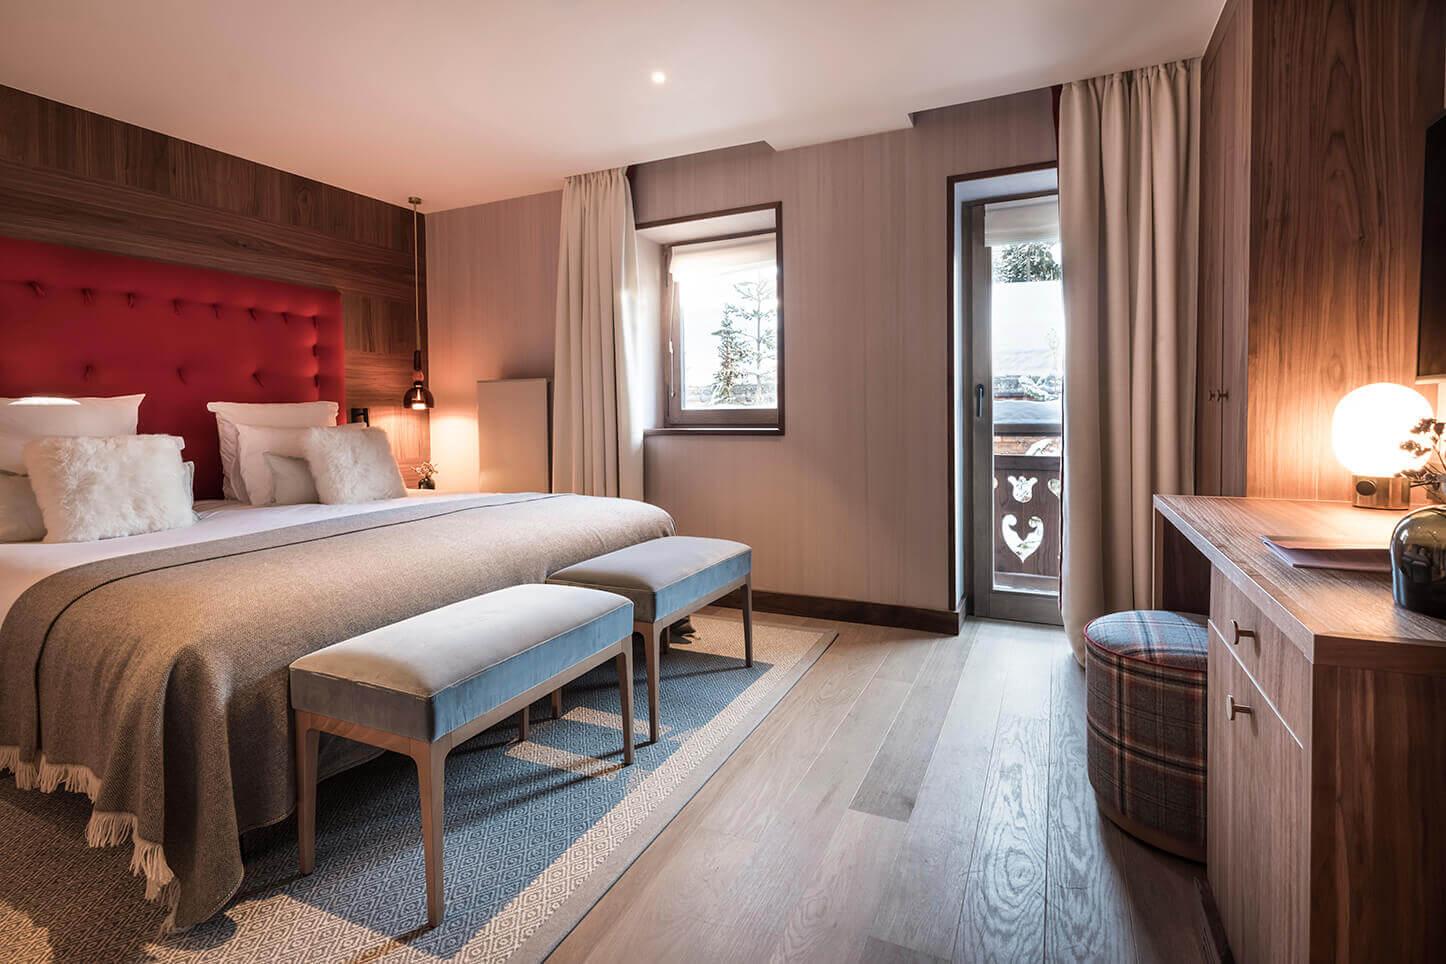 Chambre comfort - tête de lit couleur brique